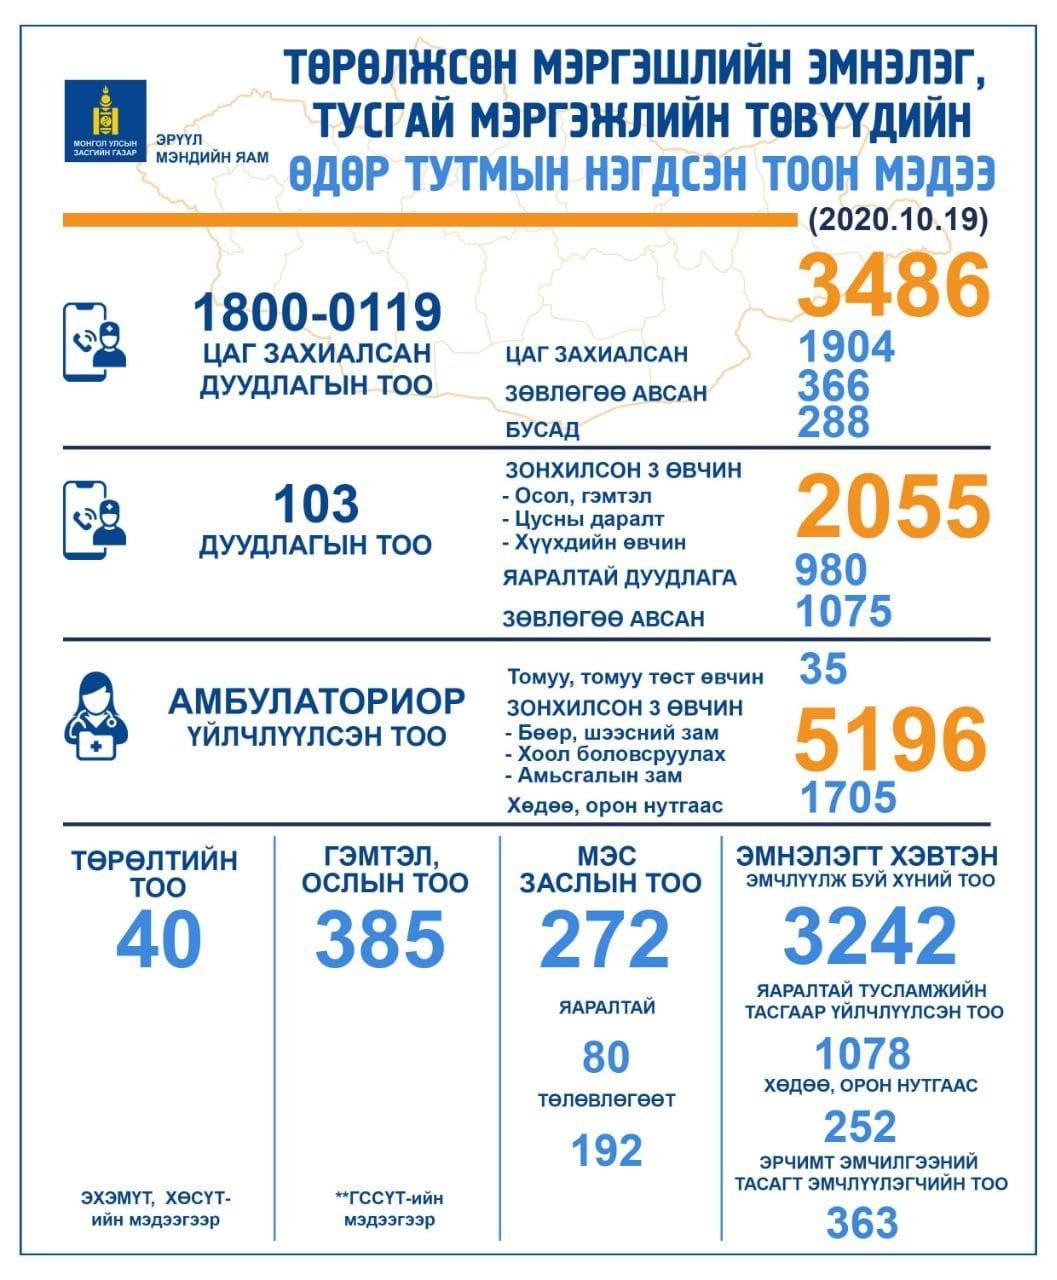 НЭГ ХОНОГТ: 103 дугаарт 2055 дуудлага ирснээс  980 нь яаралтай эмнэлгийн тусламж үйлчилгээ авчээ